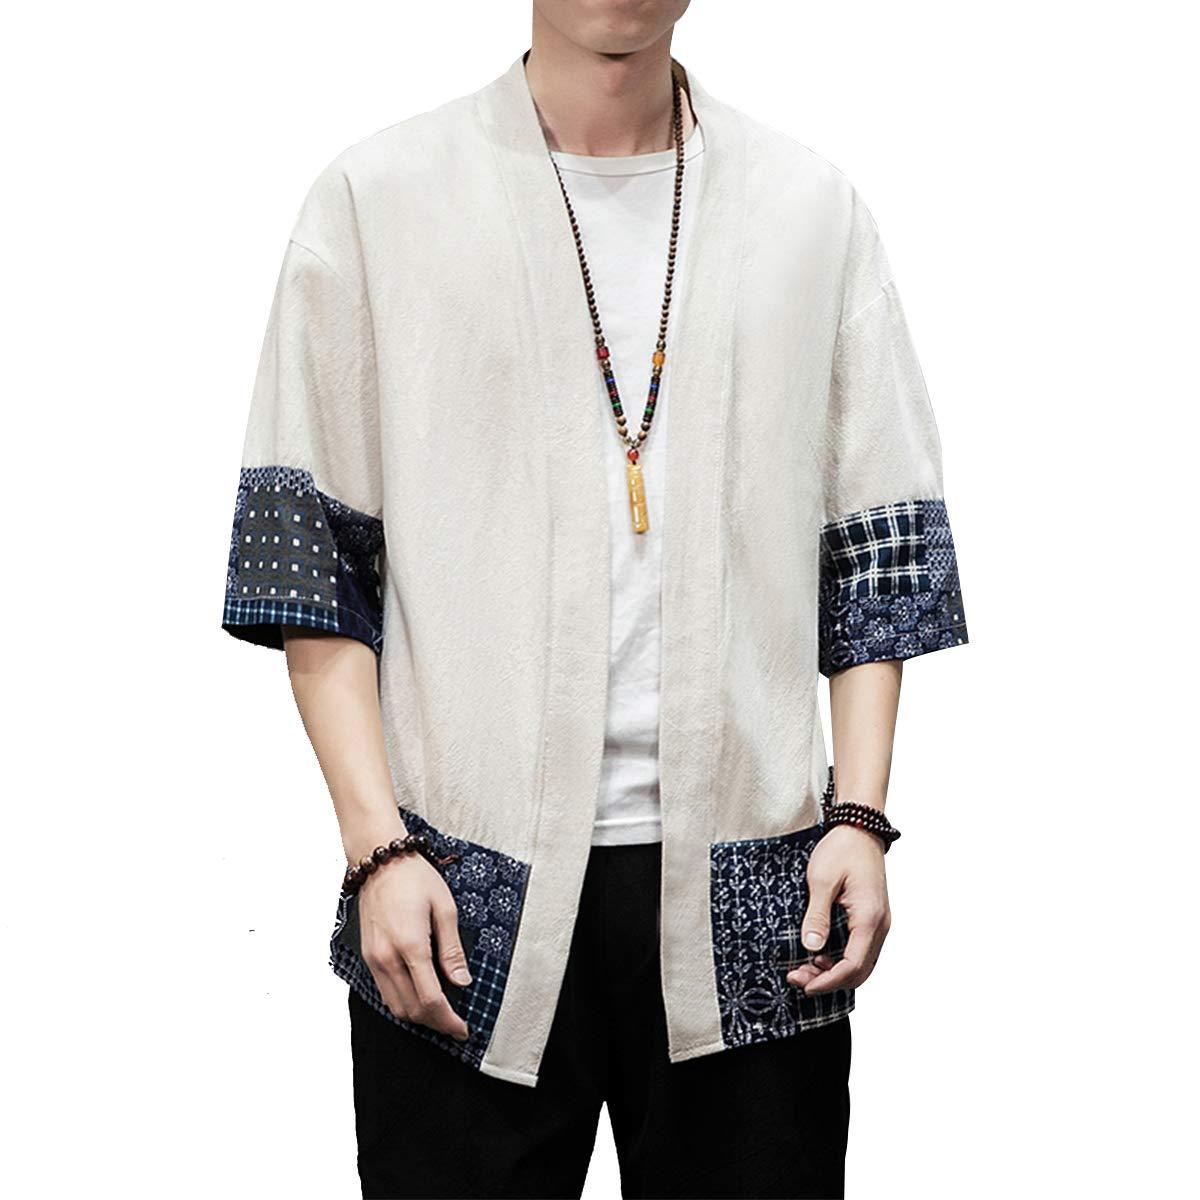 Amazon.com: PRIJOUHE Kimono Chaquetas Cardigan Ligero Casual ...